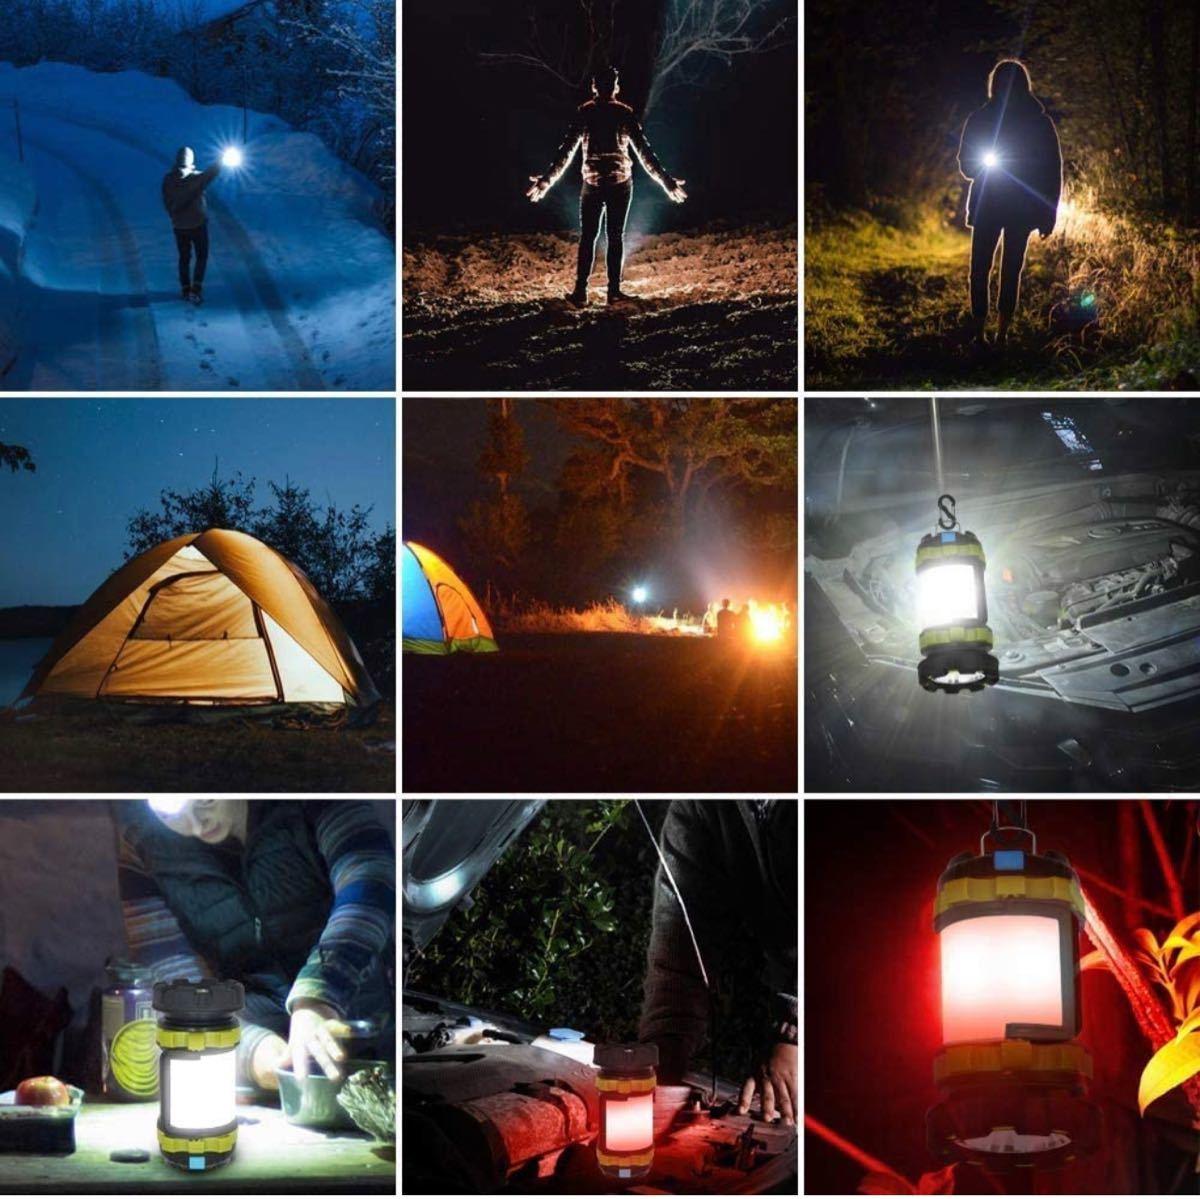 ランタン LEDランタン キャンプ ランタン キャンプ ライト らんたん アウトドア用ライト USB充電式 超高輝度